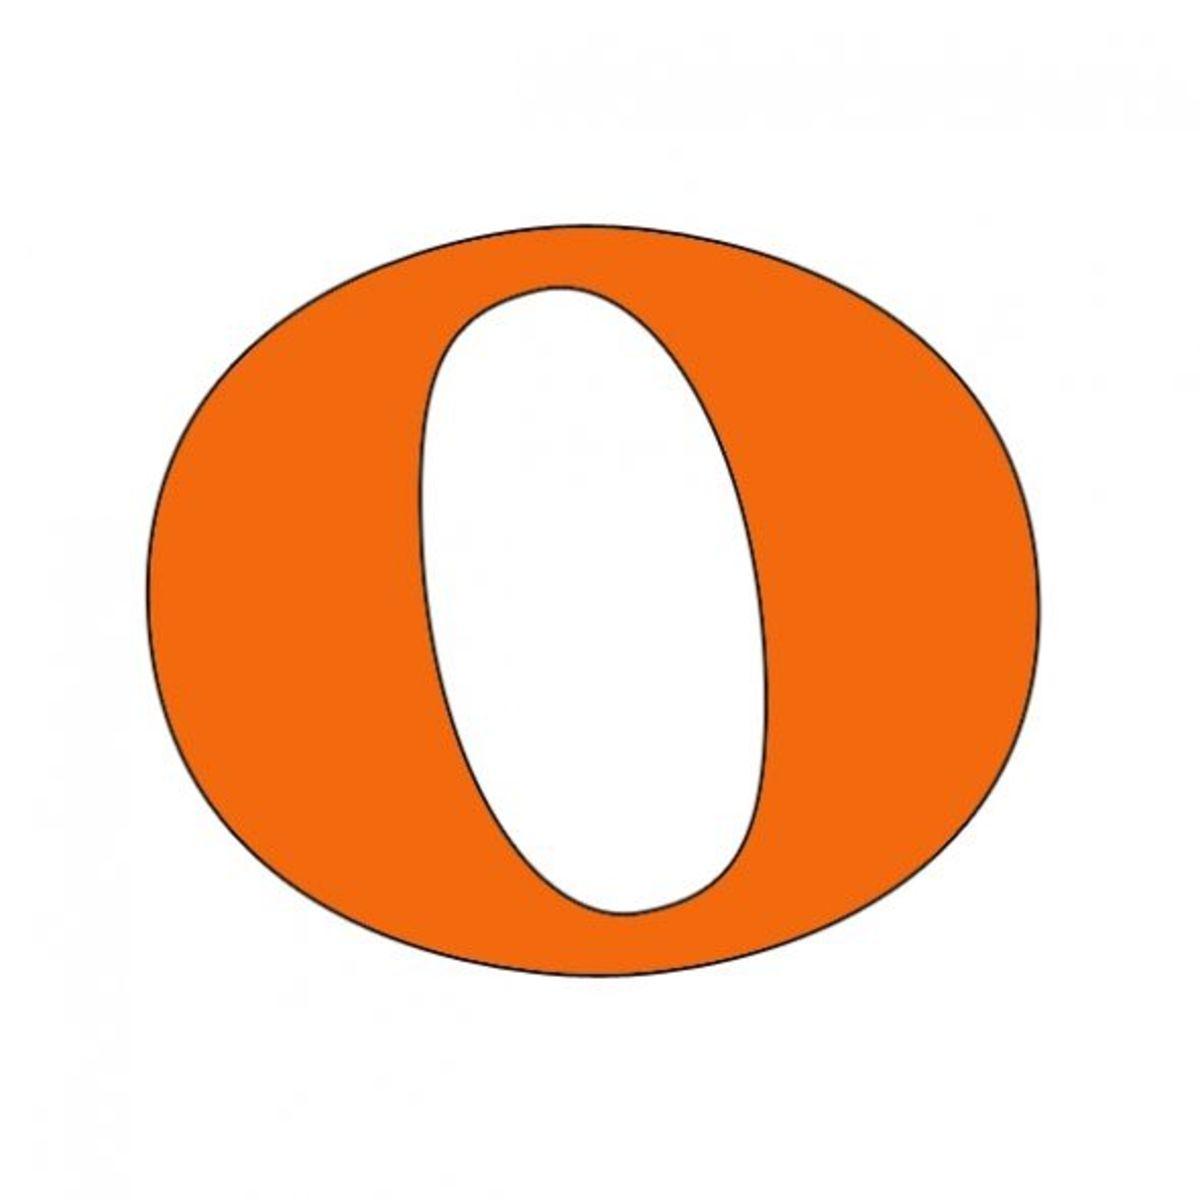 Orange Whole Note